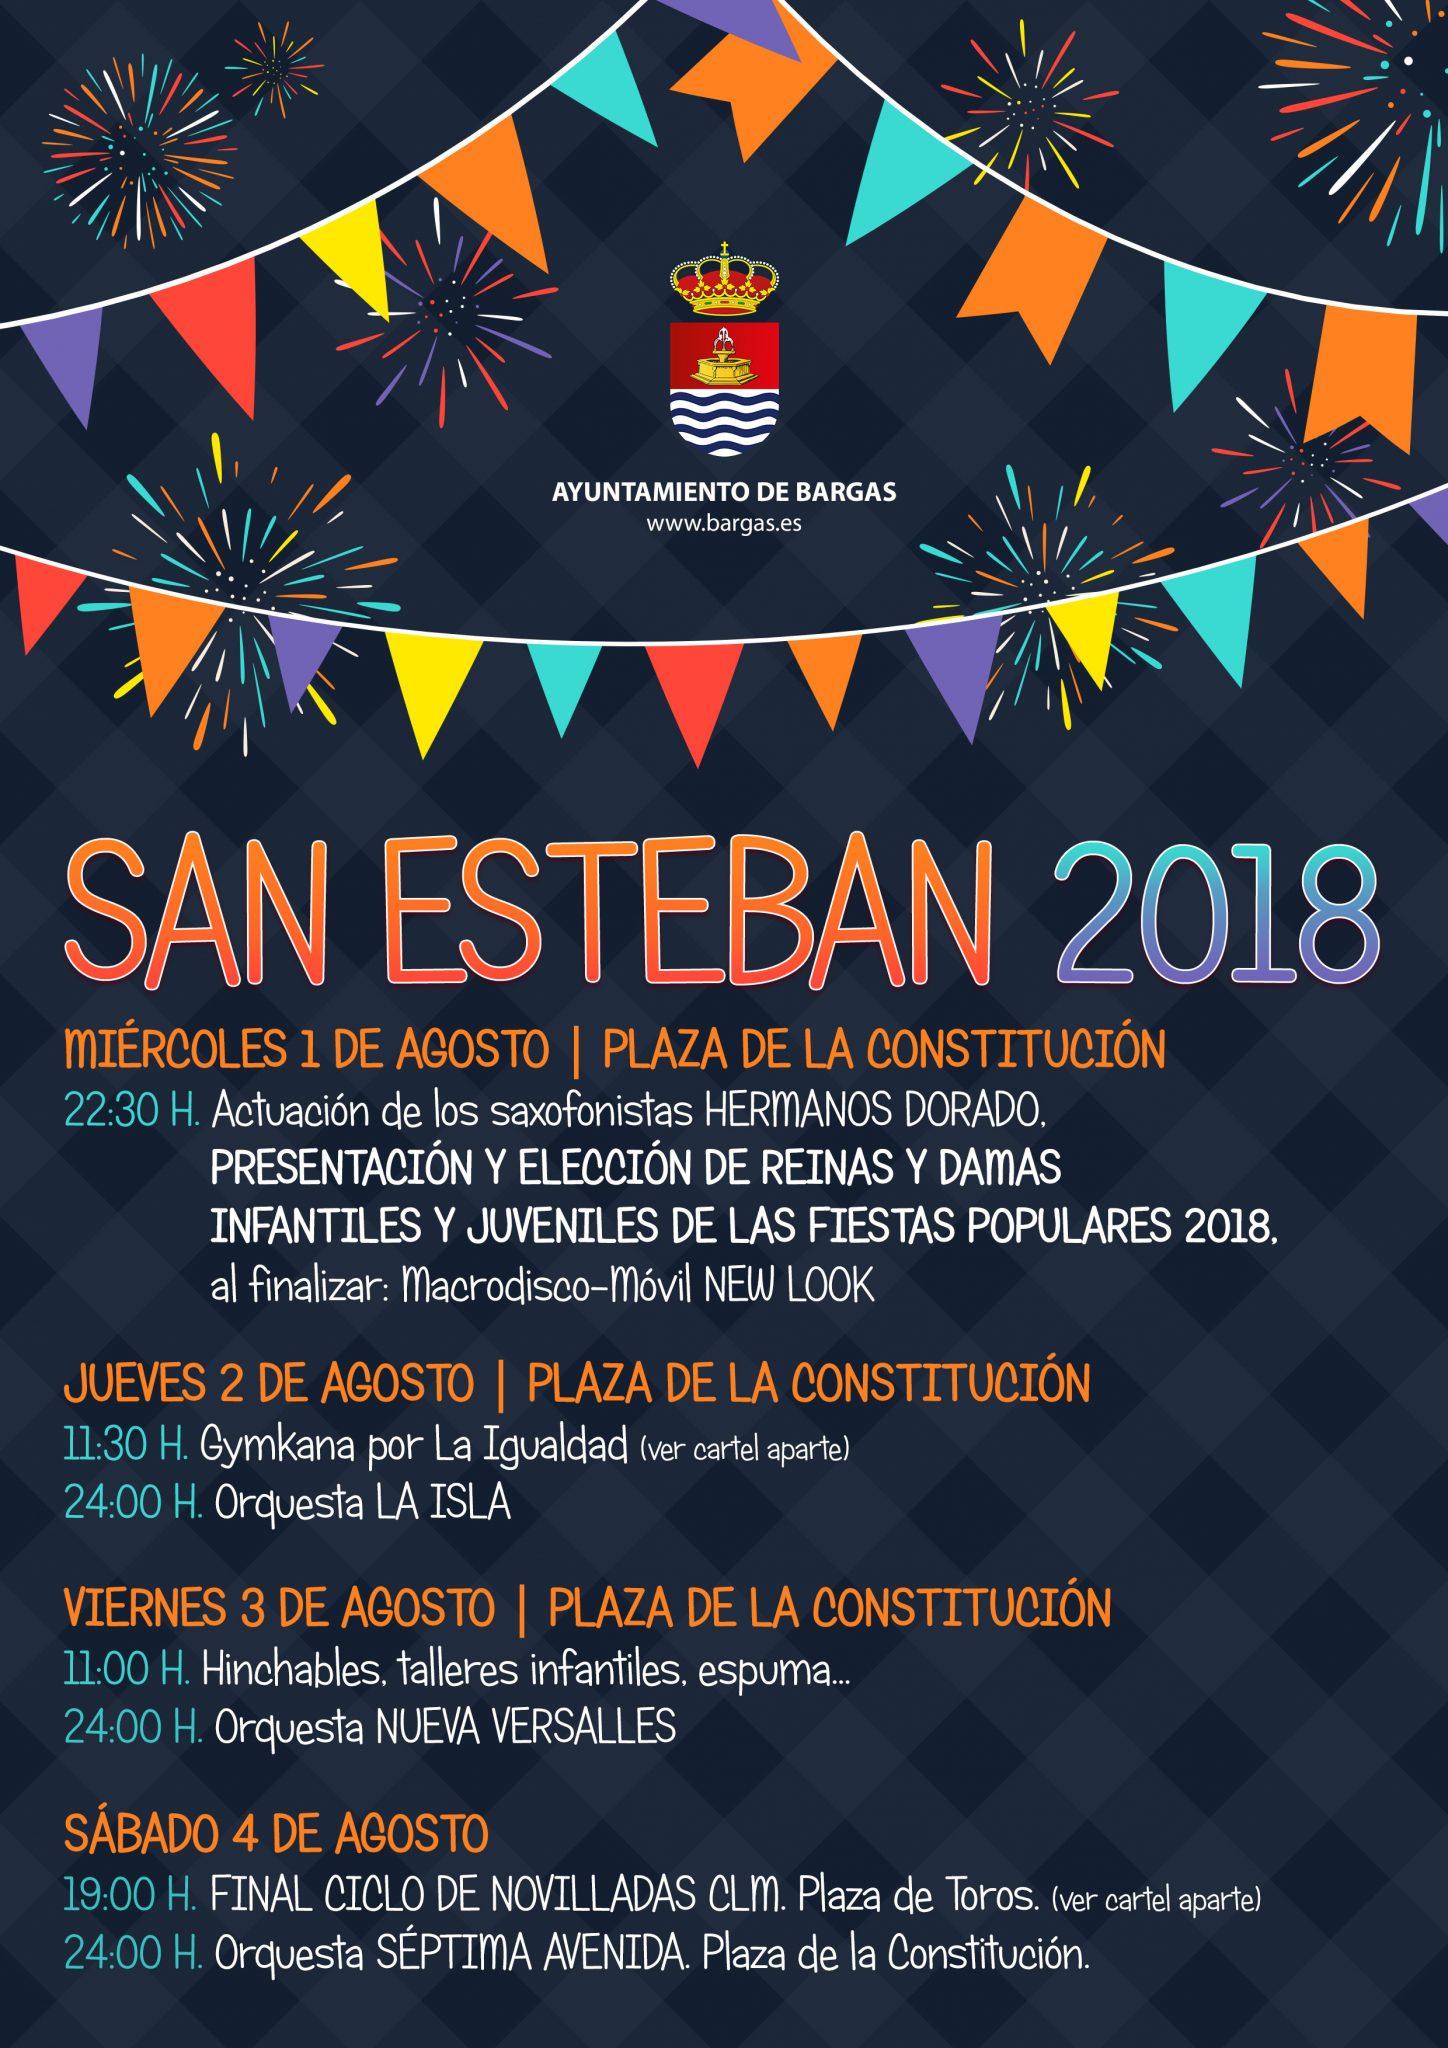 San Esteban 2018